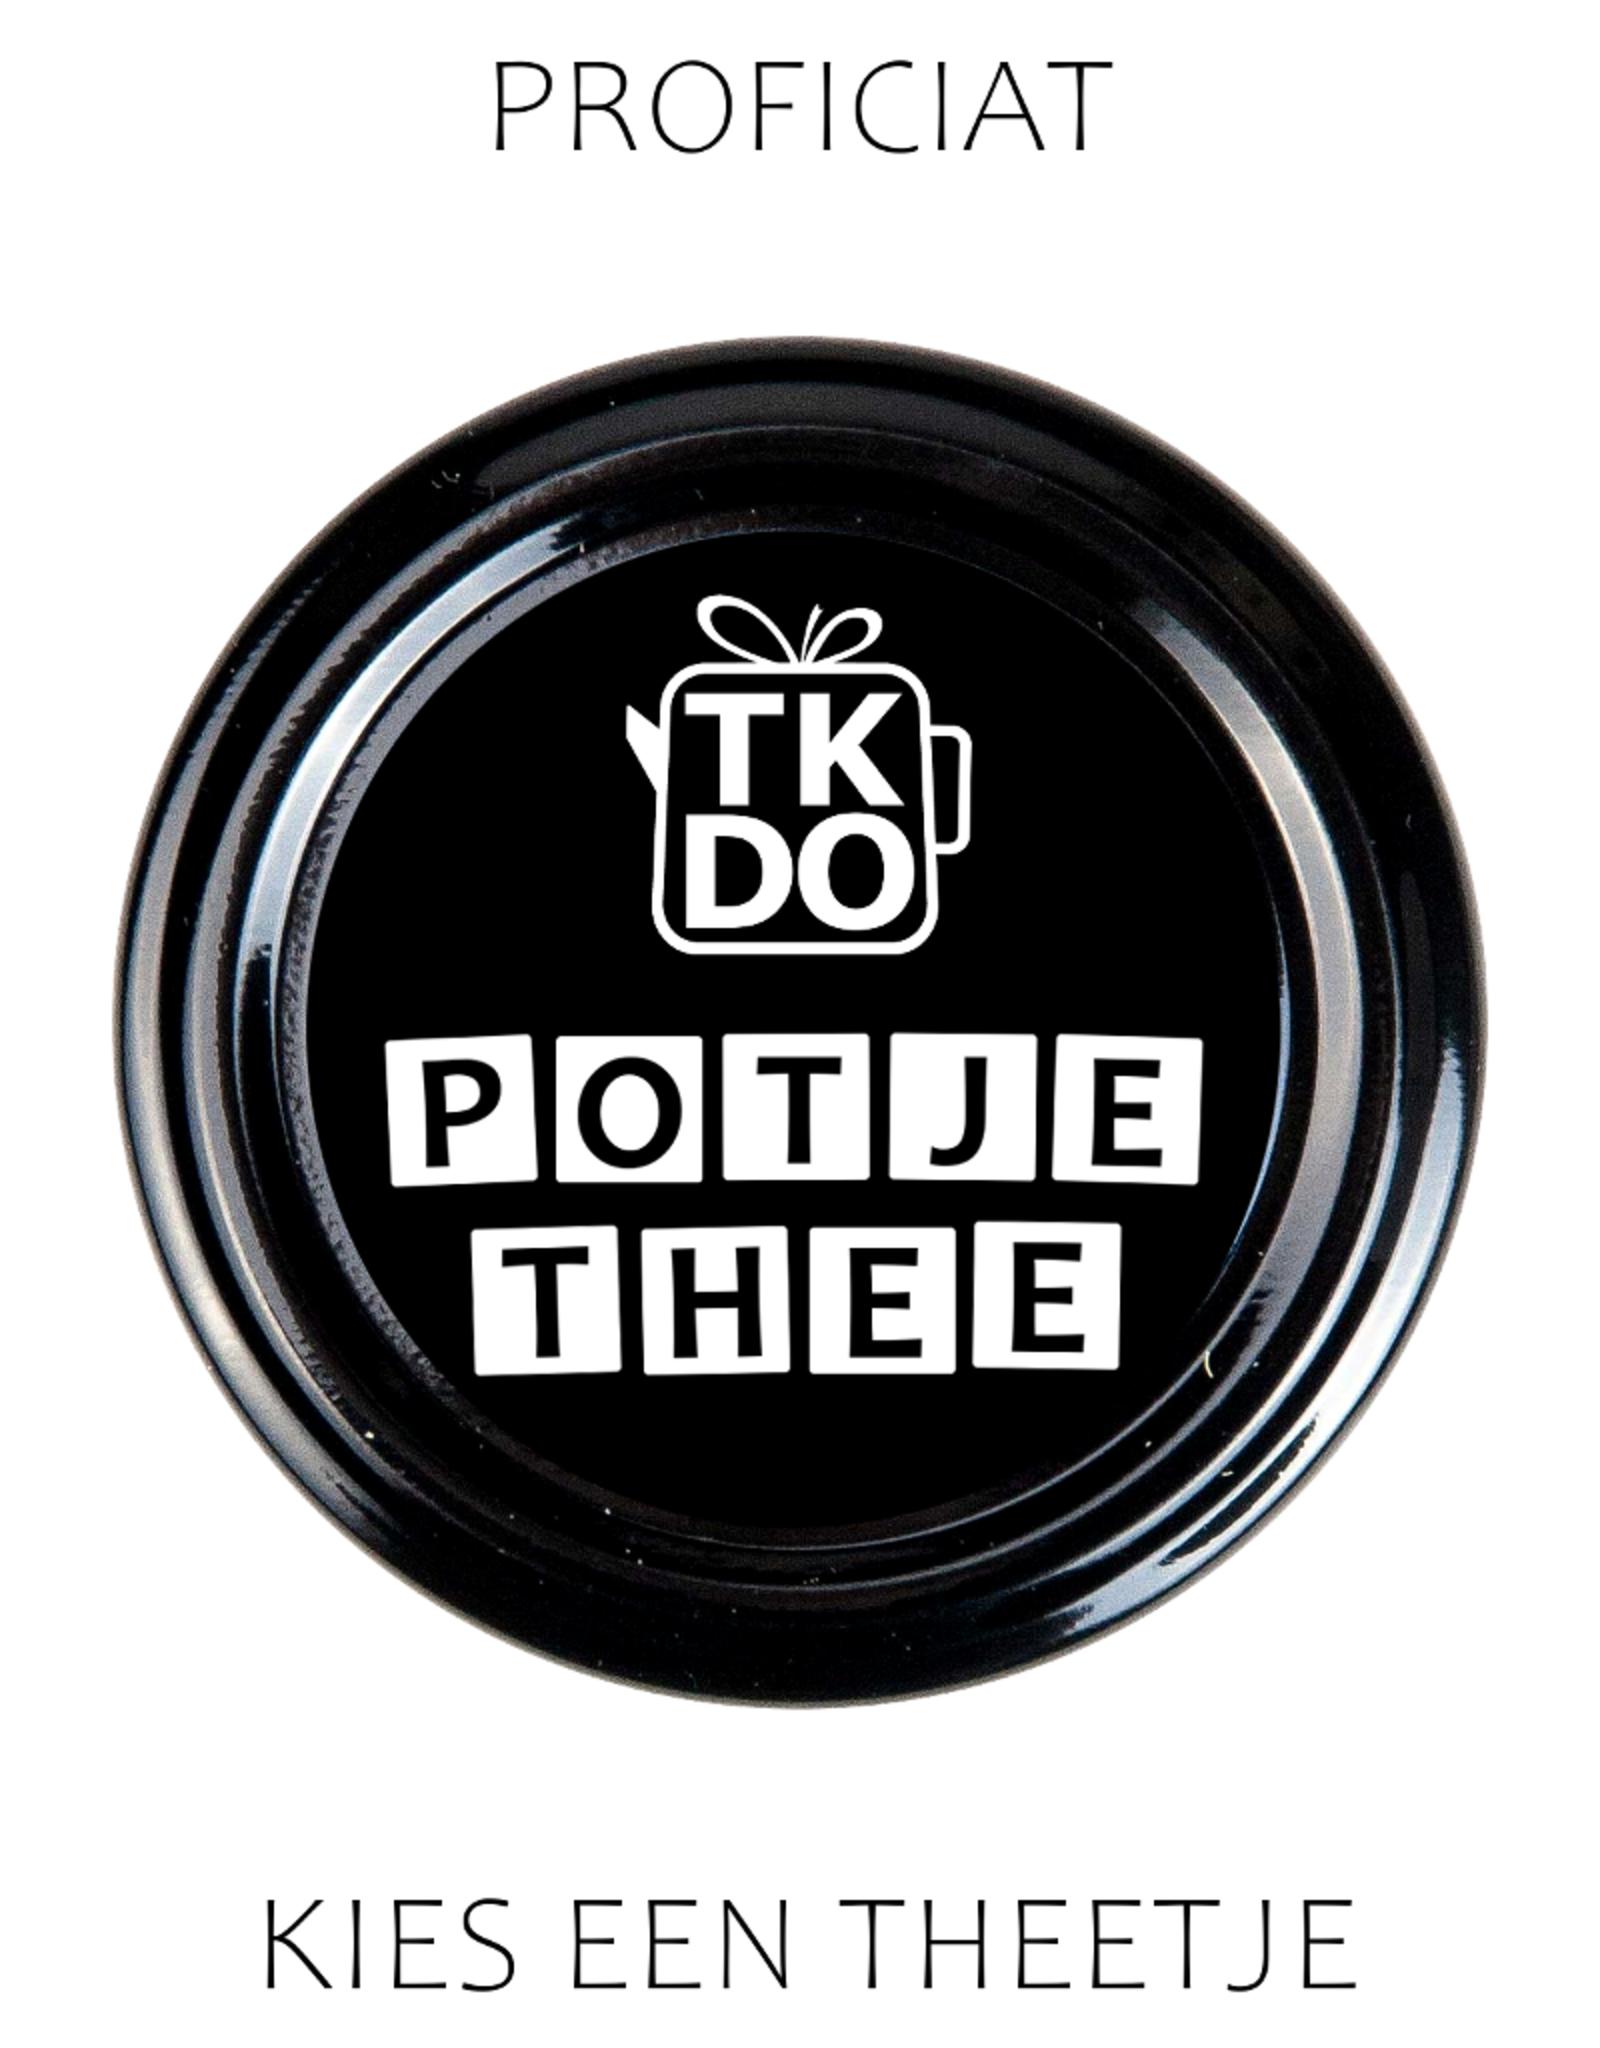 Proficiat - Potje Thee naar keuze van TKDO